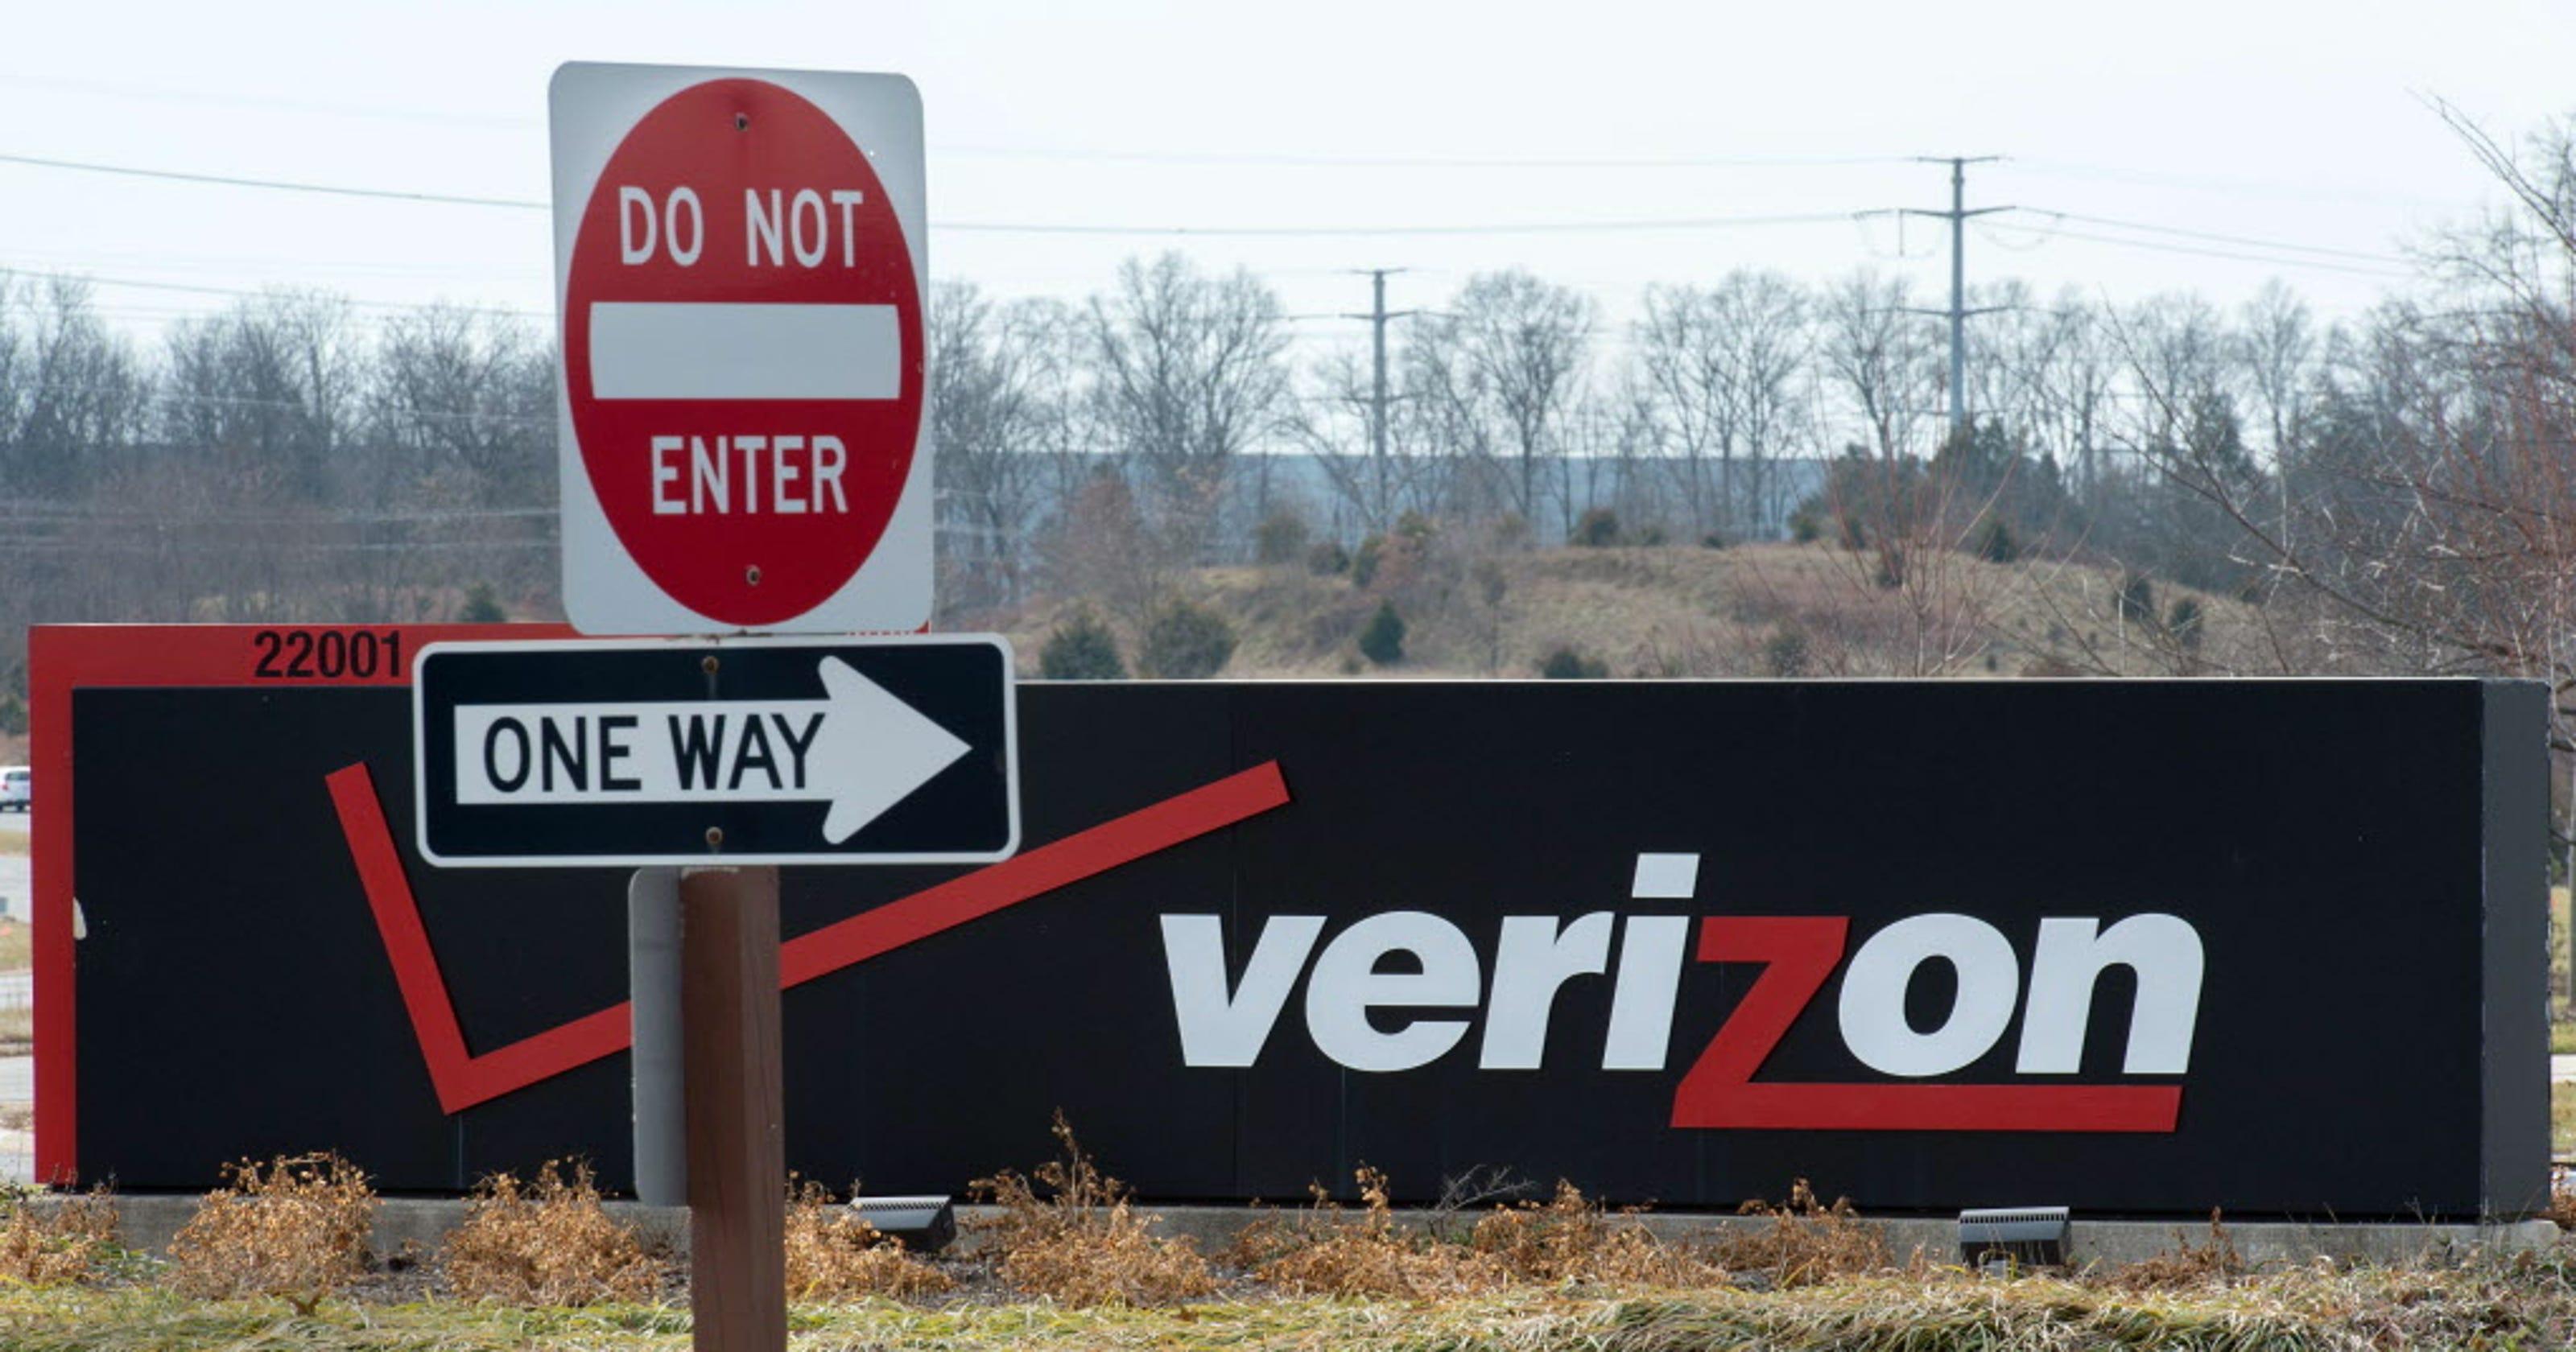 Verizon password pains go unexplained